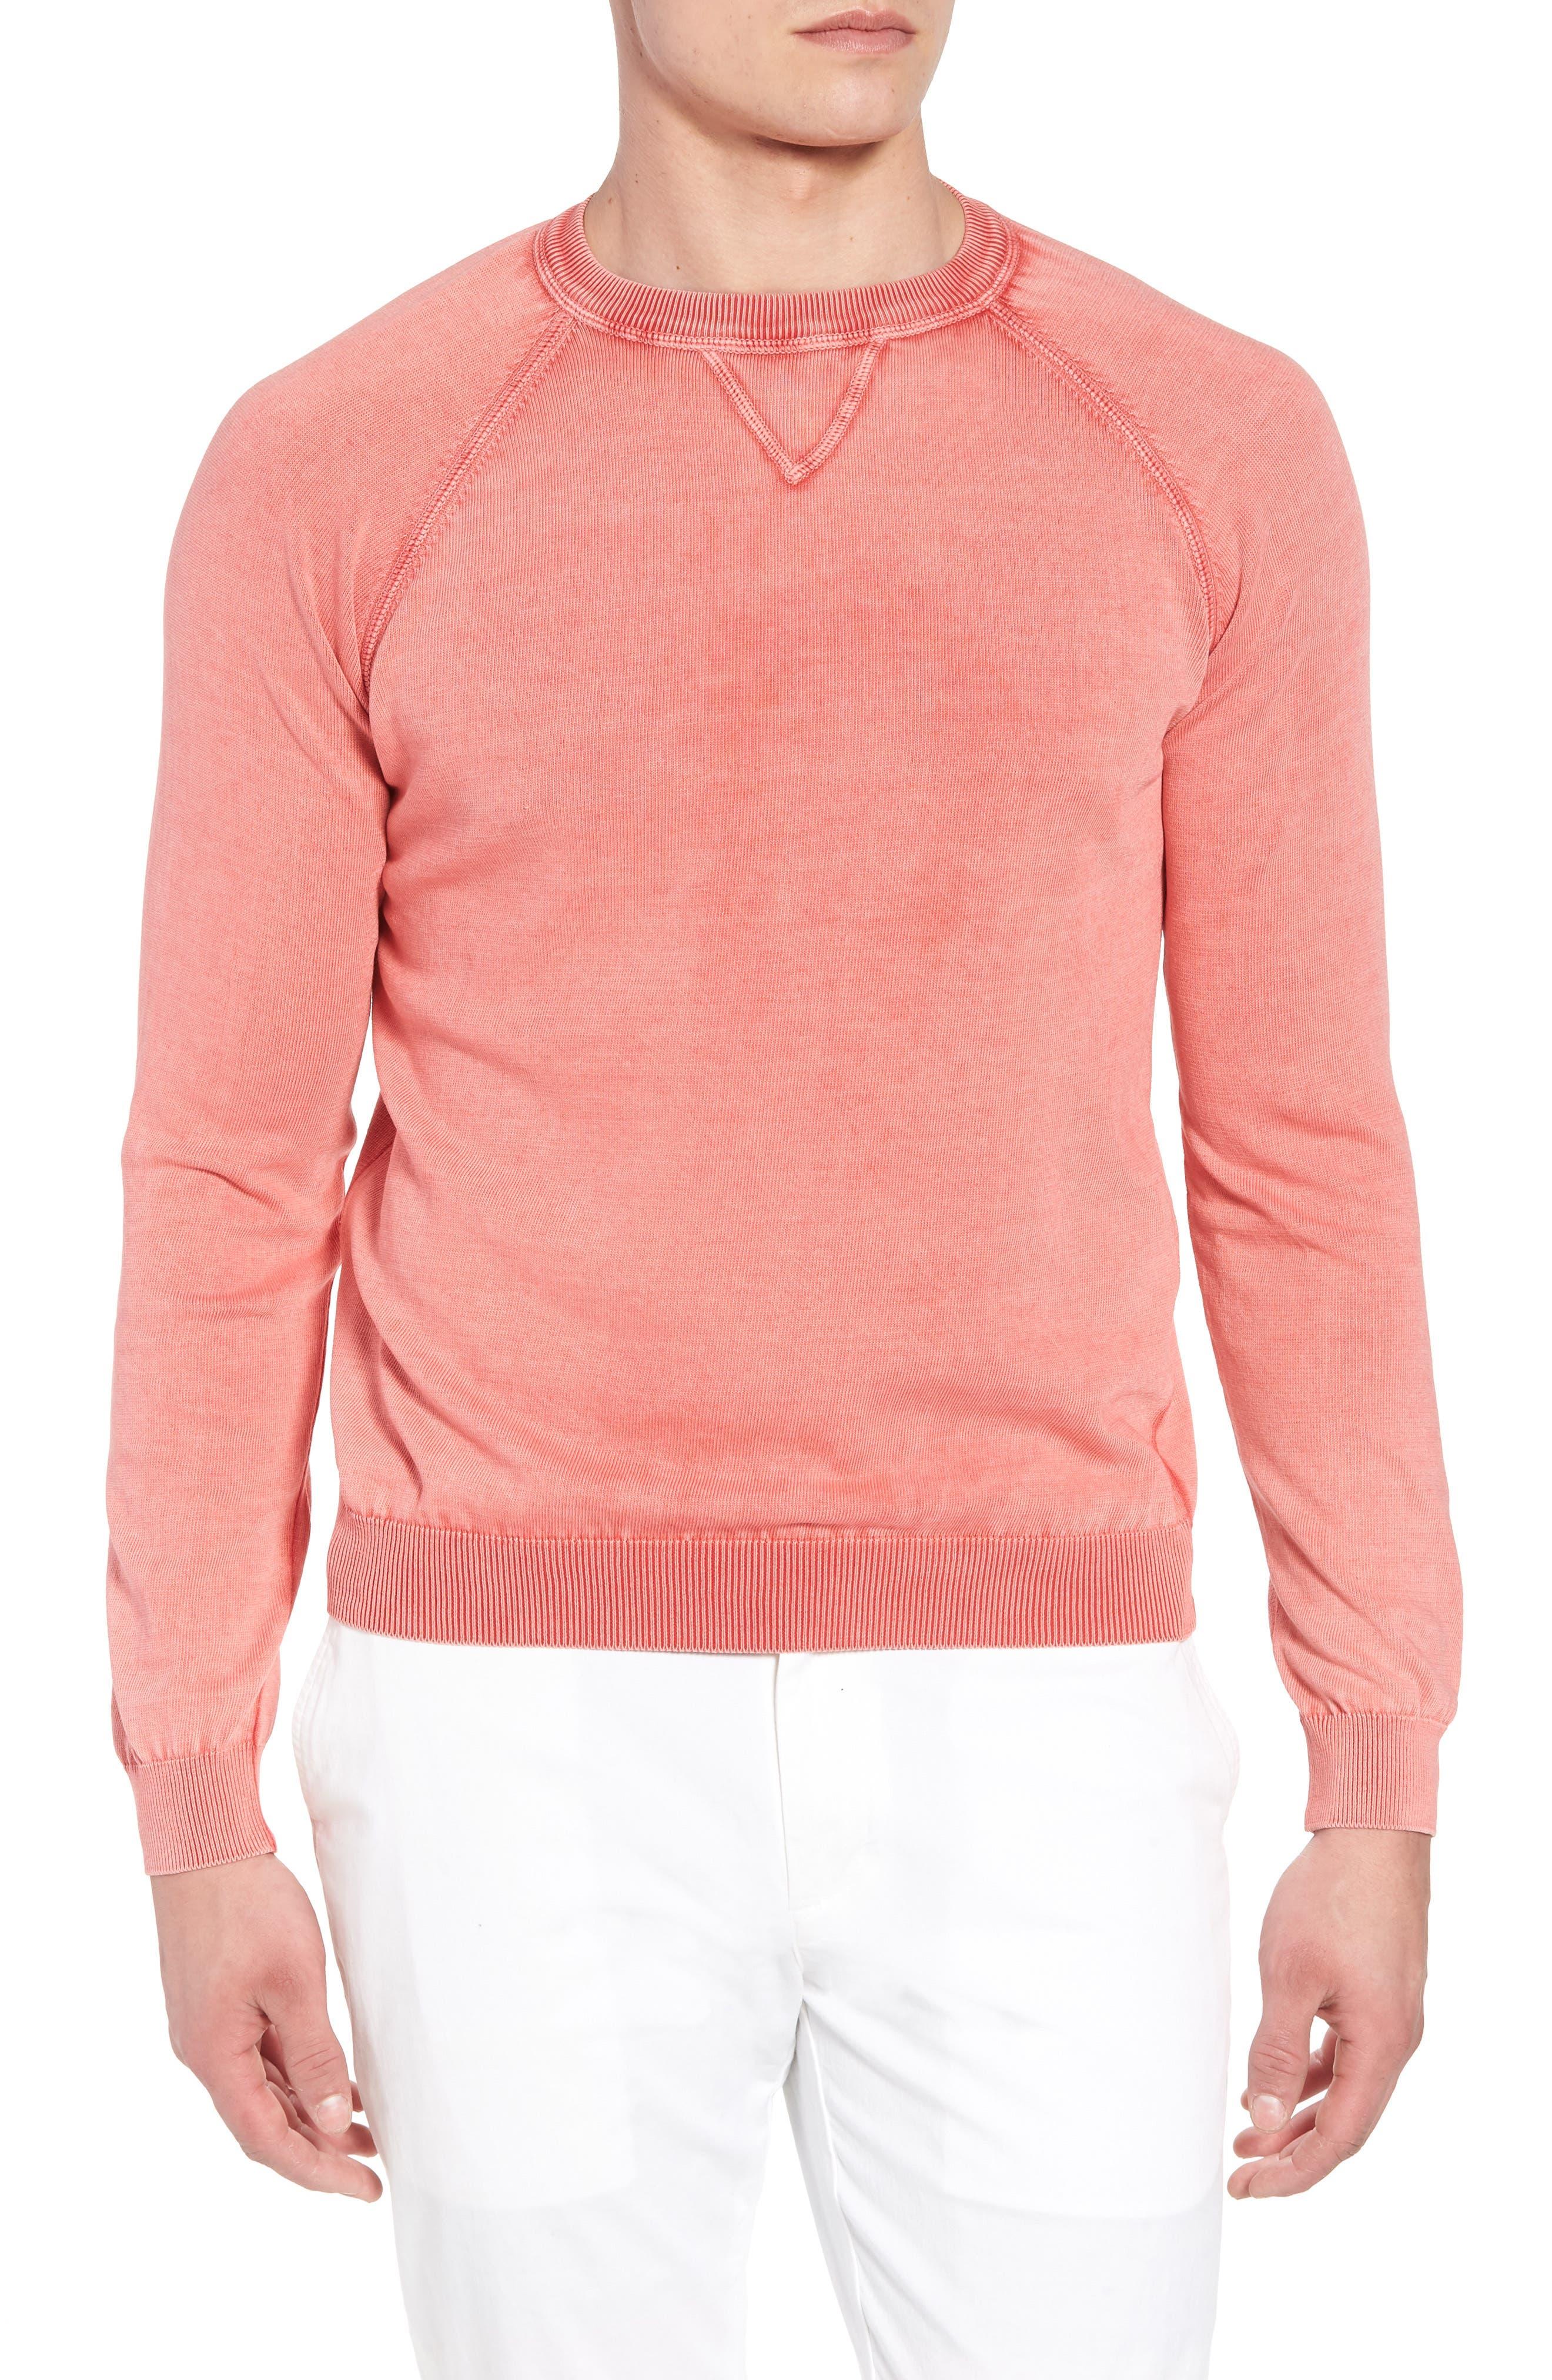 Stonewash Cotton Sweatshirt,                             Main thumbnail 1, color,                             Washed Coral